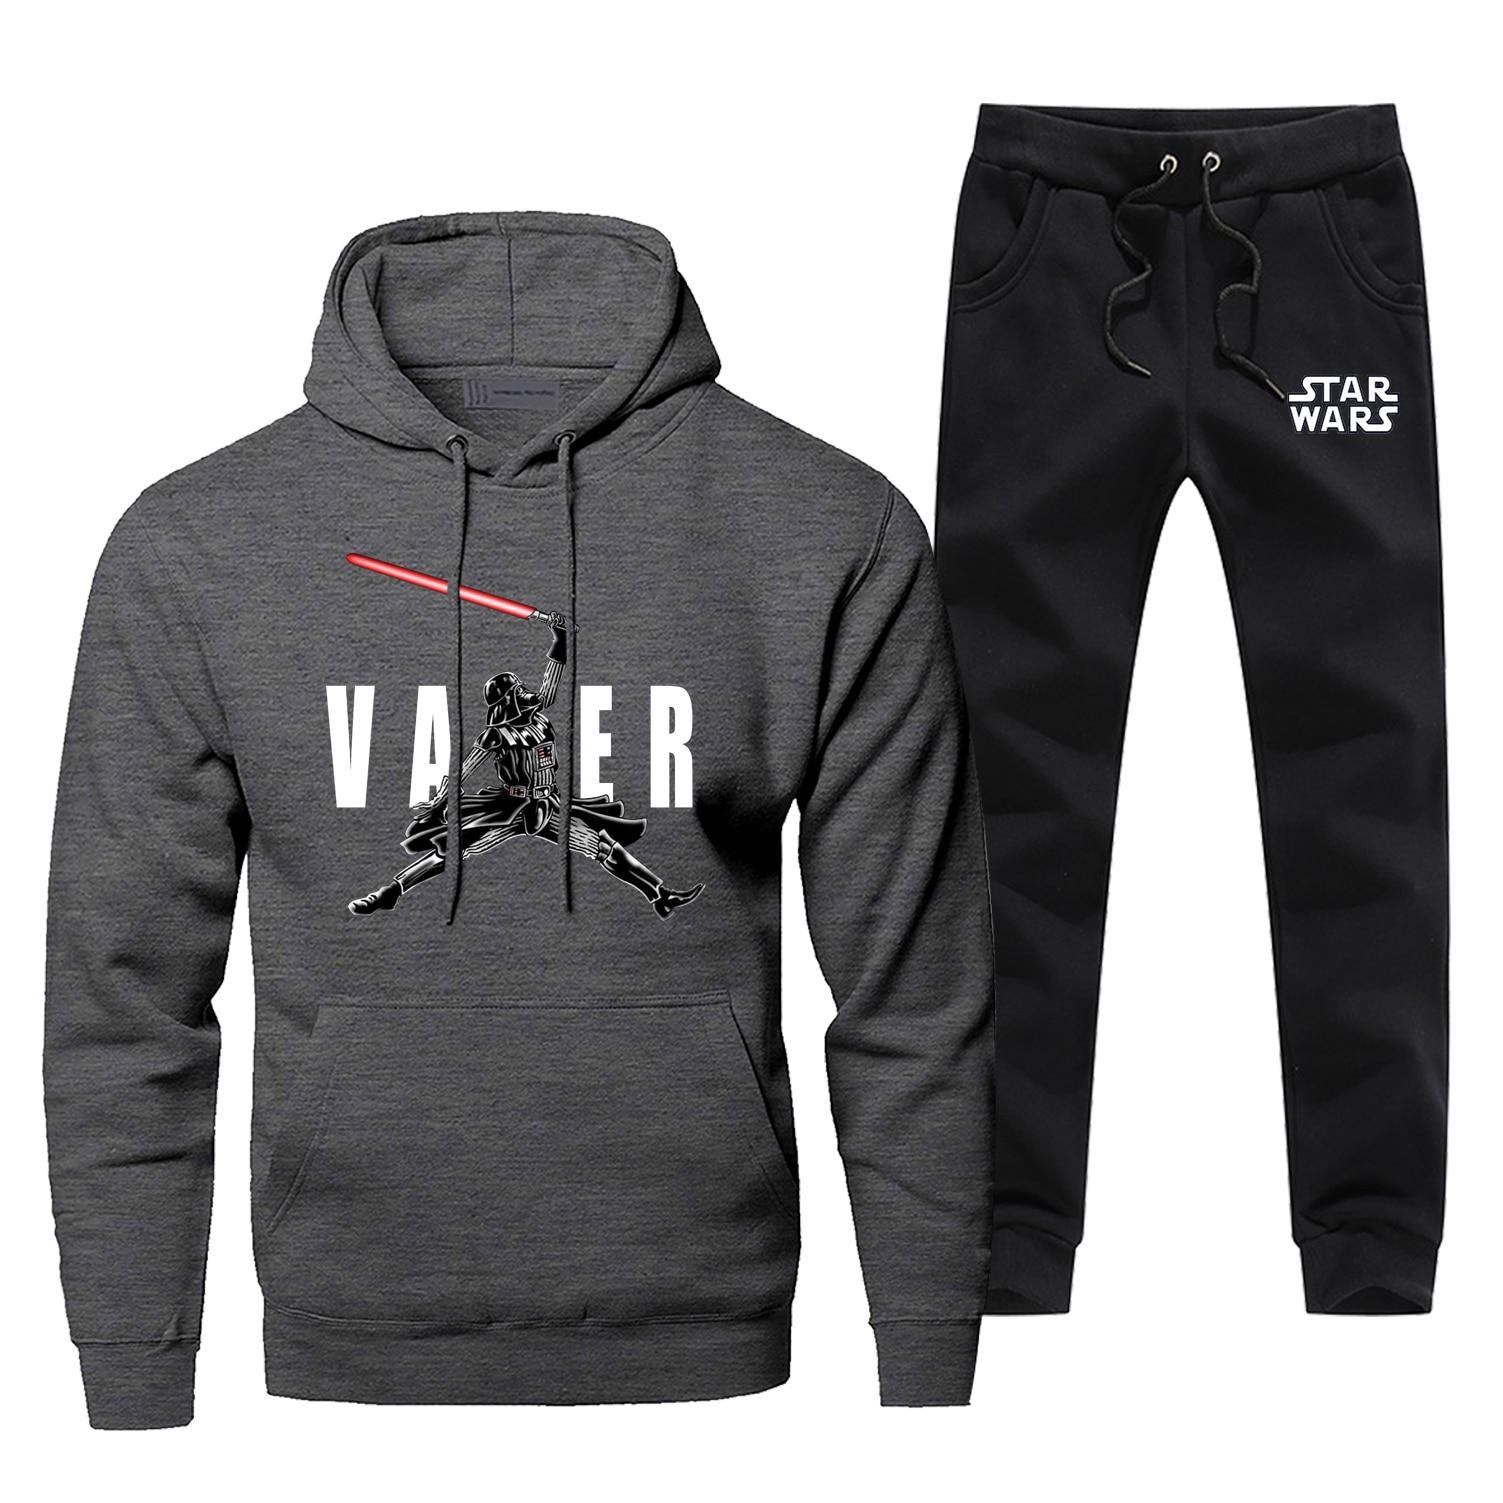 Star Wars Hoodies Pants Set Men Darth Vader Hoodie Sweatshirt Mens Hoodies Pollover 2 Piece Set Streetwear Starwars Sweatshirts